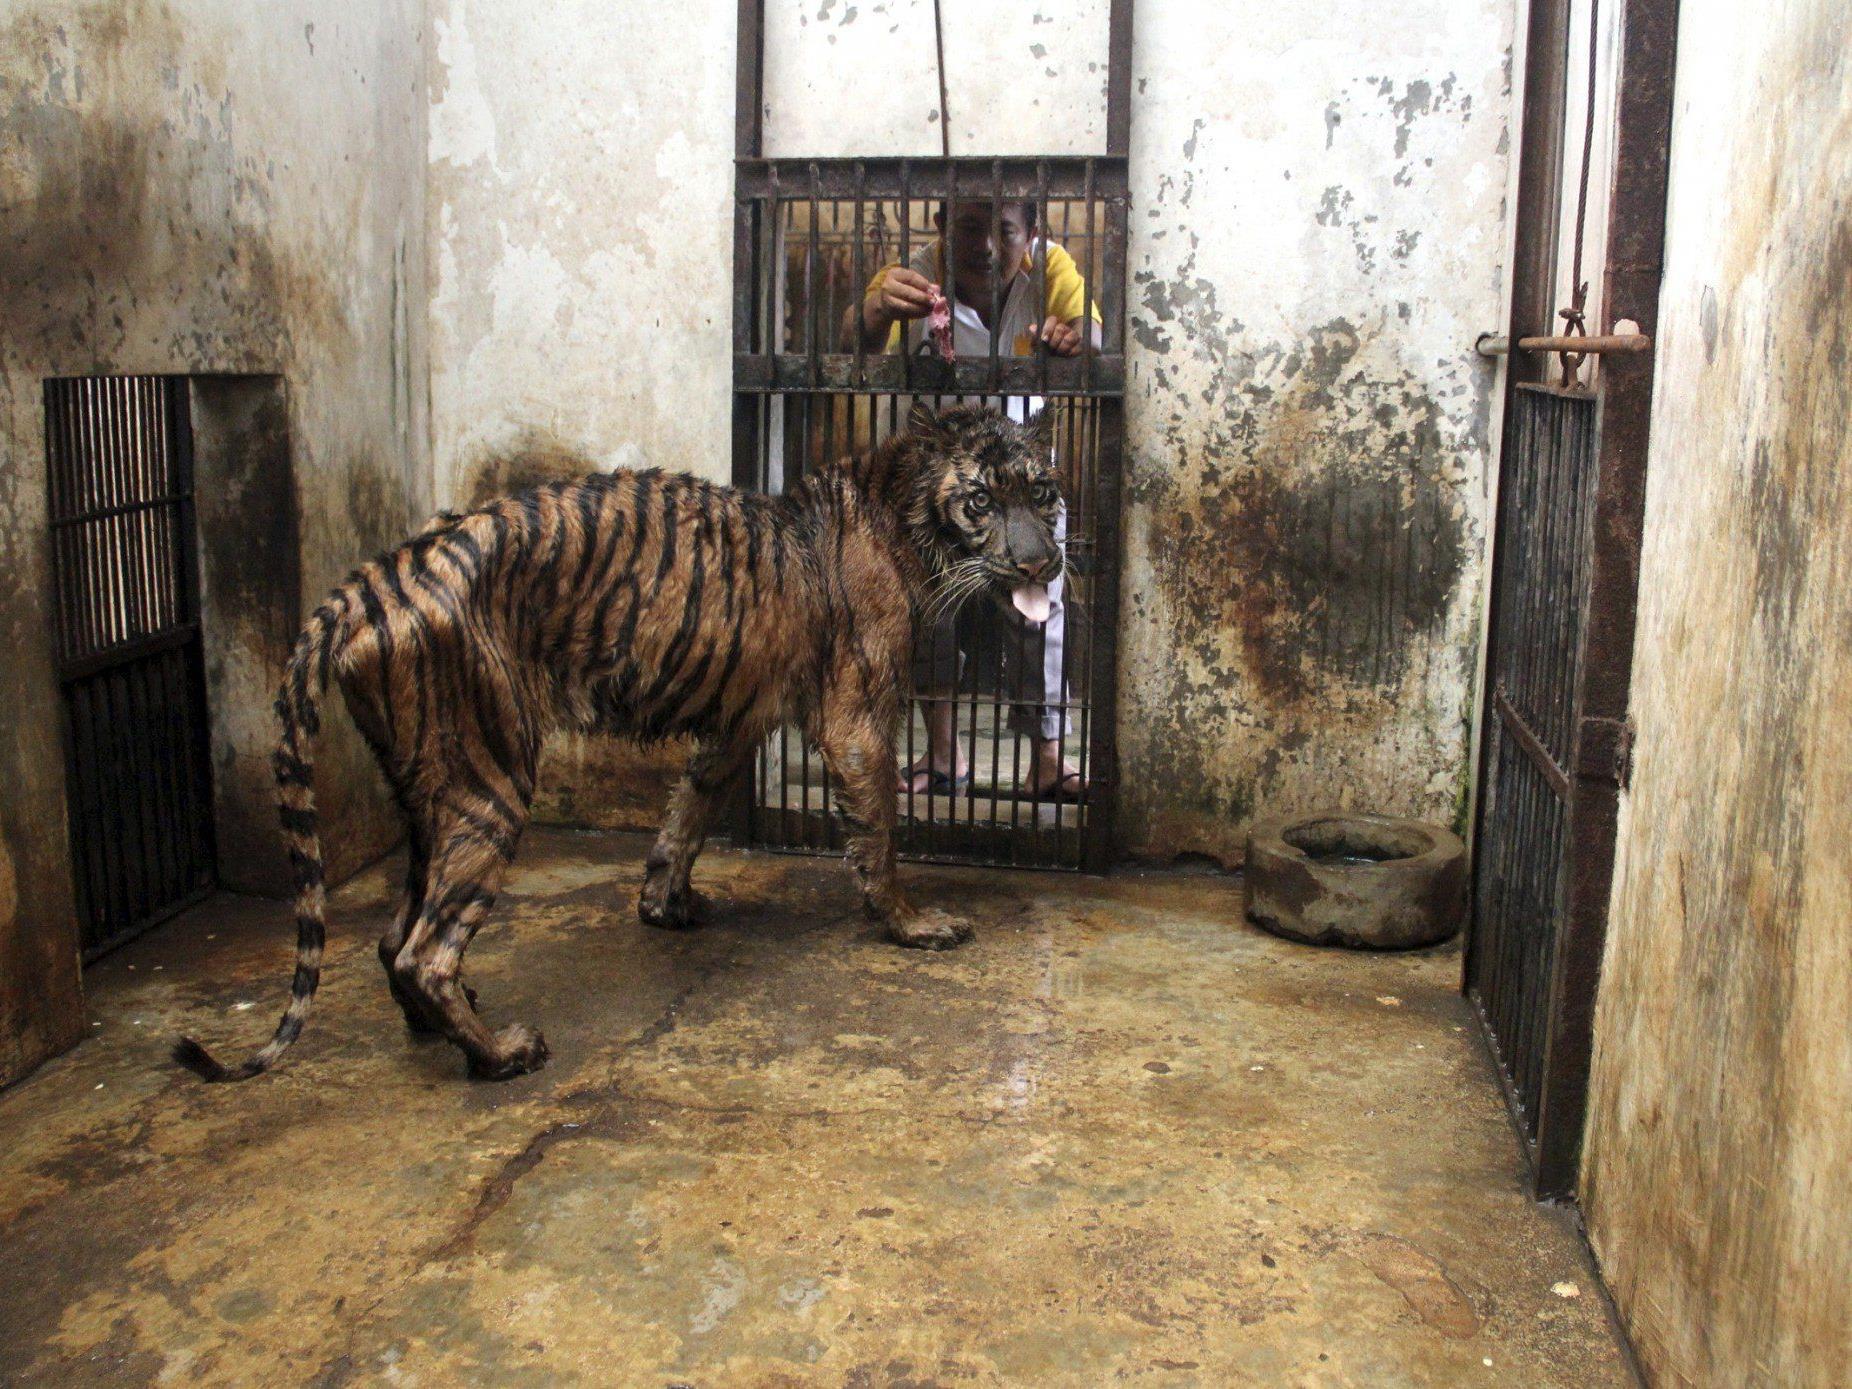 Kranke, unterernährte und verwahrloste Tiere - Tierschützer vermuten Verwaltungschaos und Korruption.